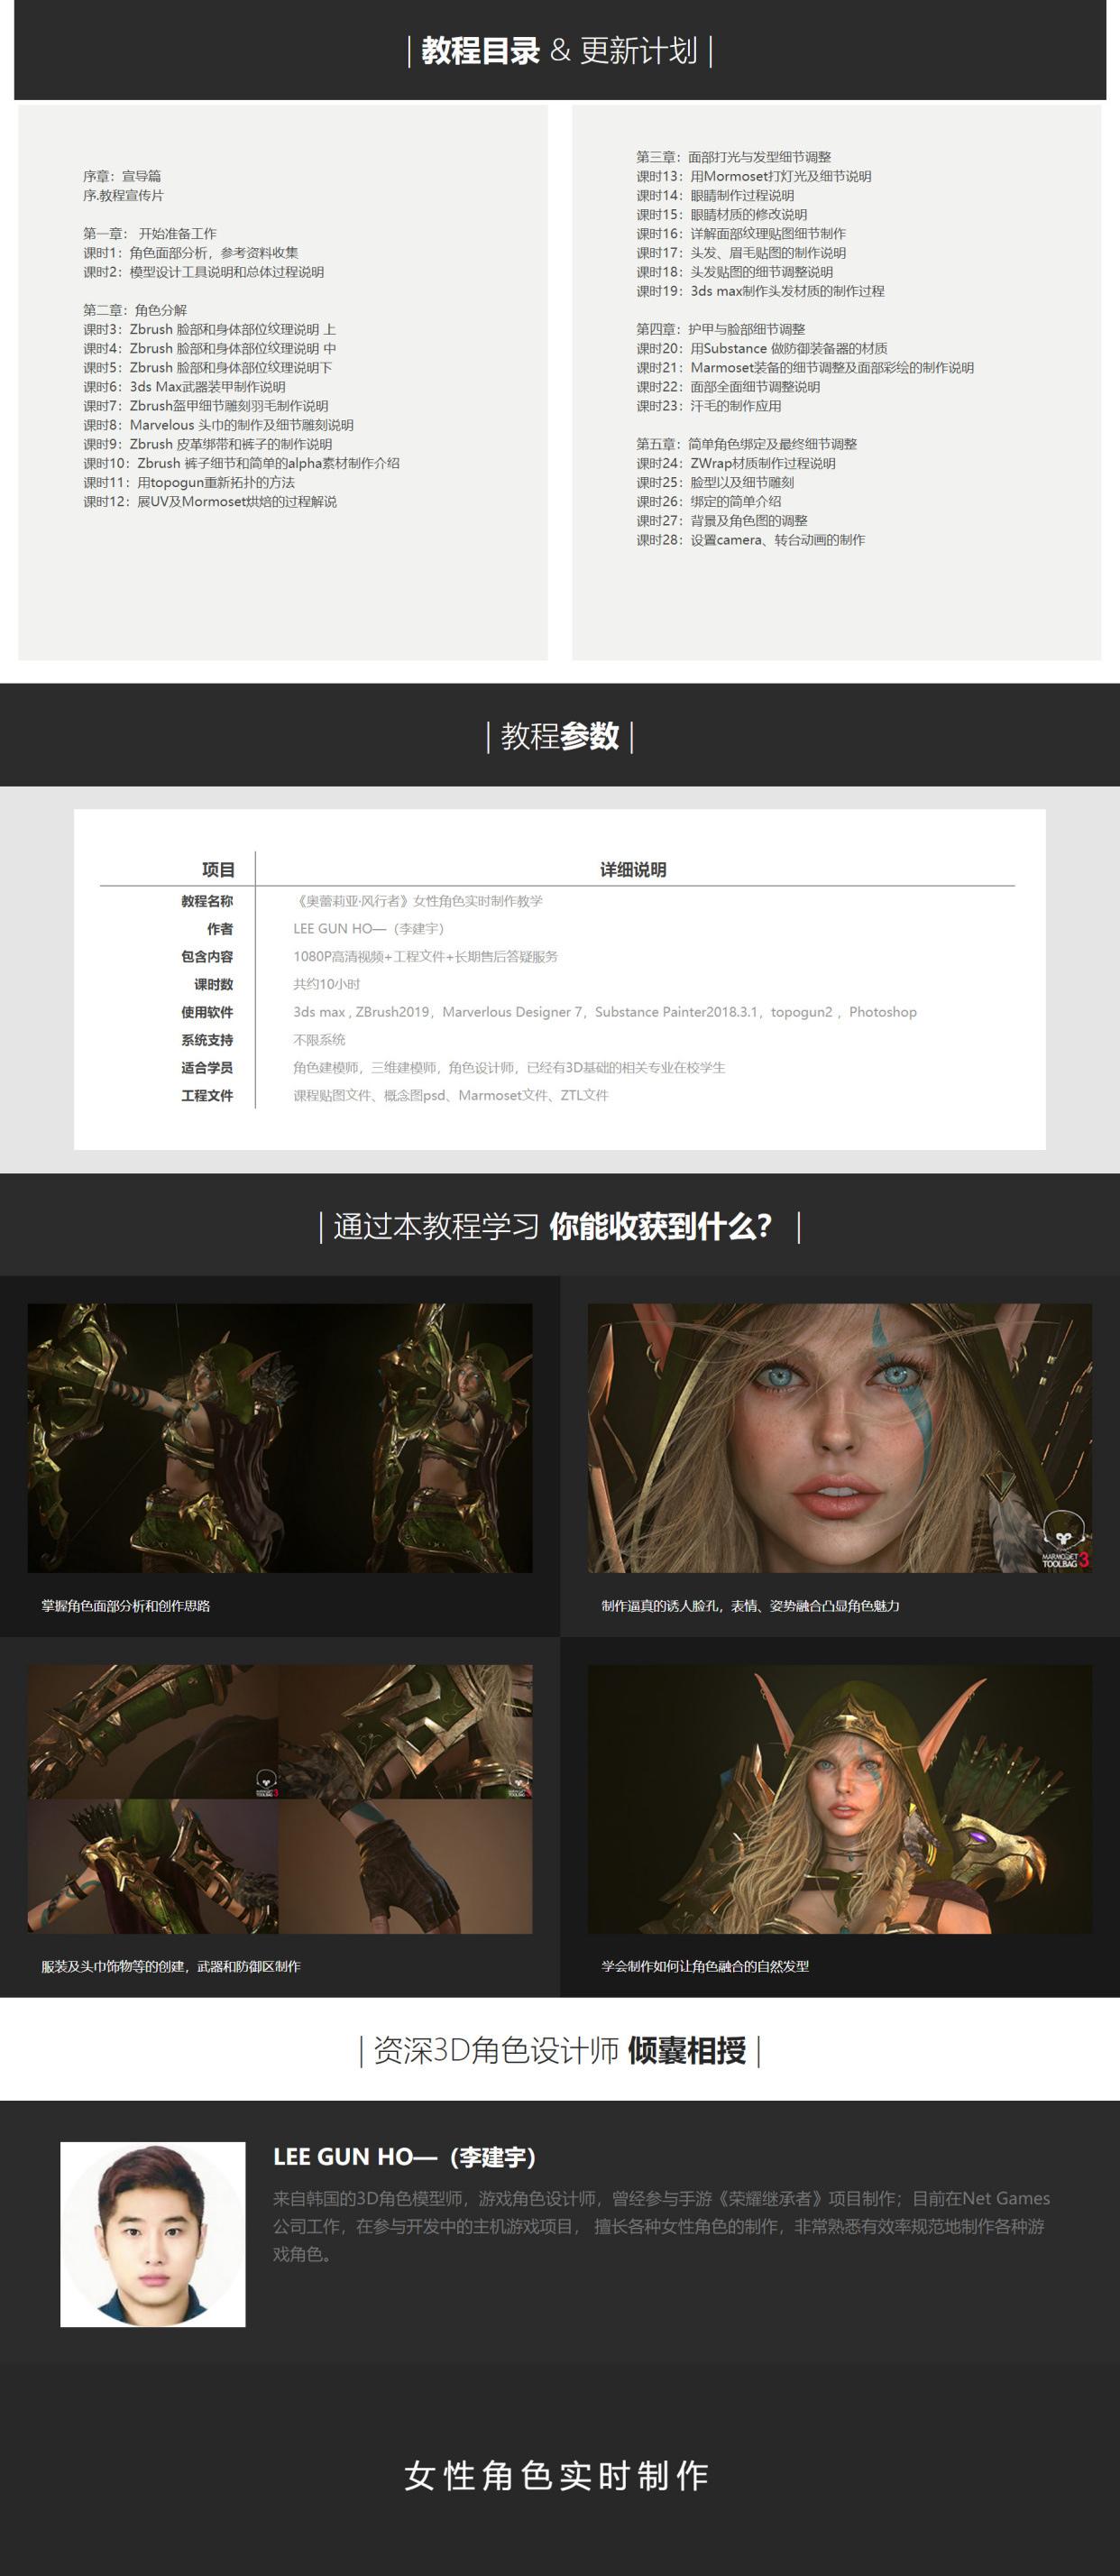 【奥蕾莉亚·风行者】女性角色实时制作教学【年终第一辑】3dsMax ZBrush 3D角色建模雕刻渲染-找主题源码